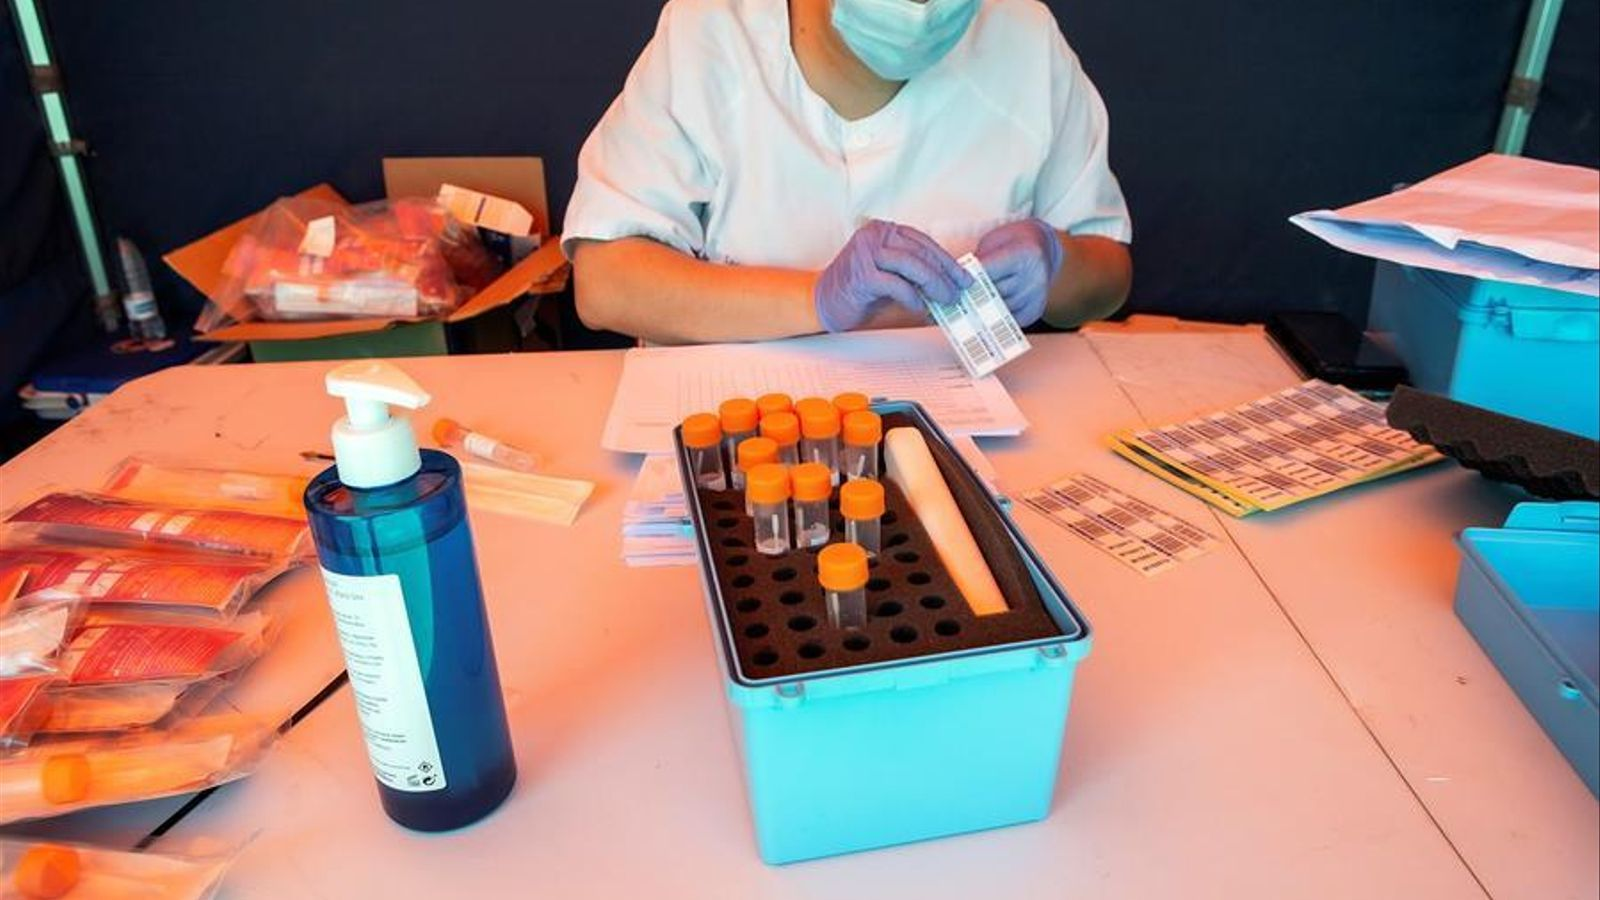 Putin anuncia que Rússia ha registrat la primera vacuna contra el covid-19, però l'OMS alerta sobre la seva seguretat